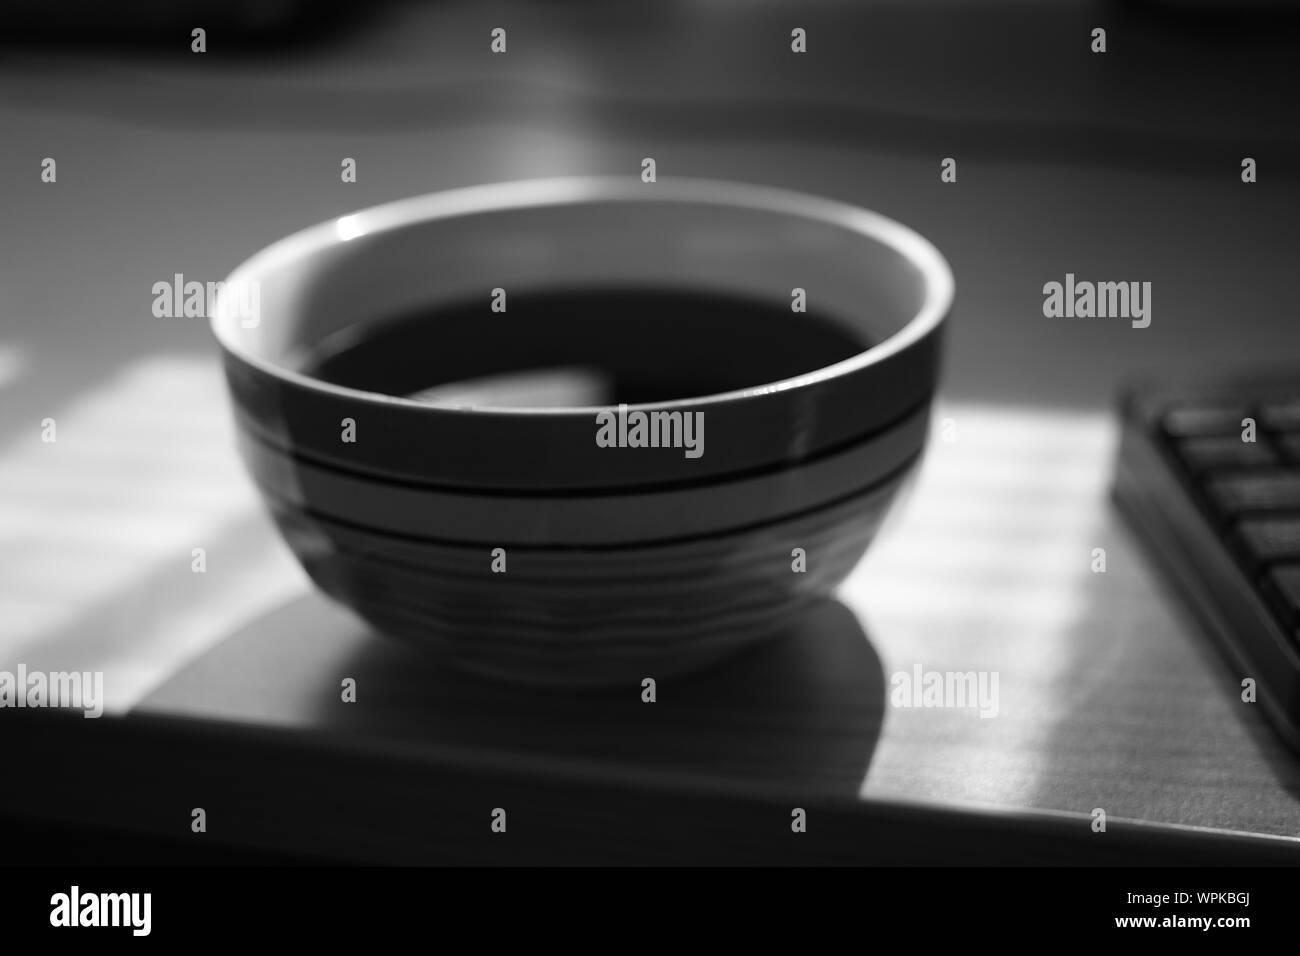 Grand bol tasse de thé et d'une partie de clavier, de l'environnement de travail, selective focus, photo en noir et blanc. Banque D'Images